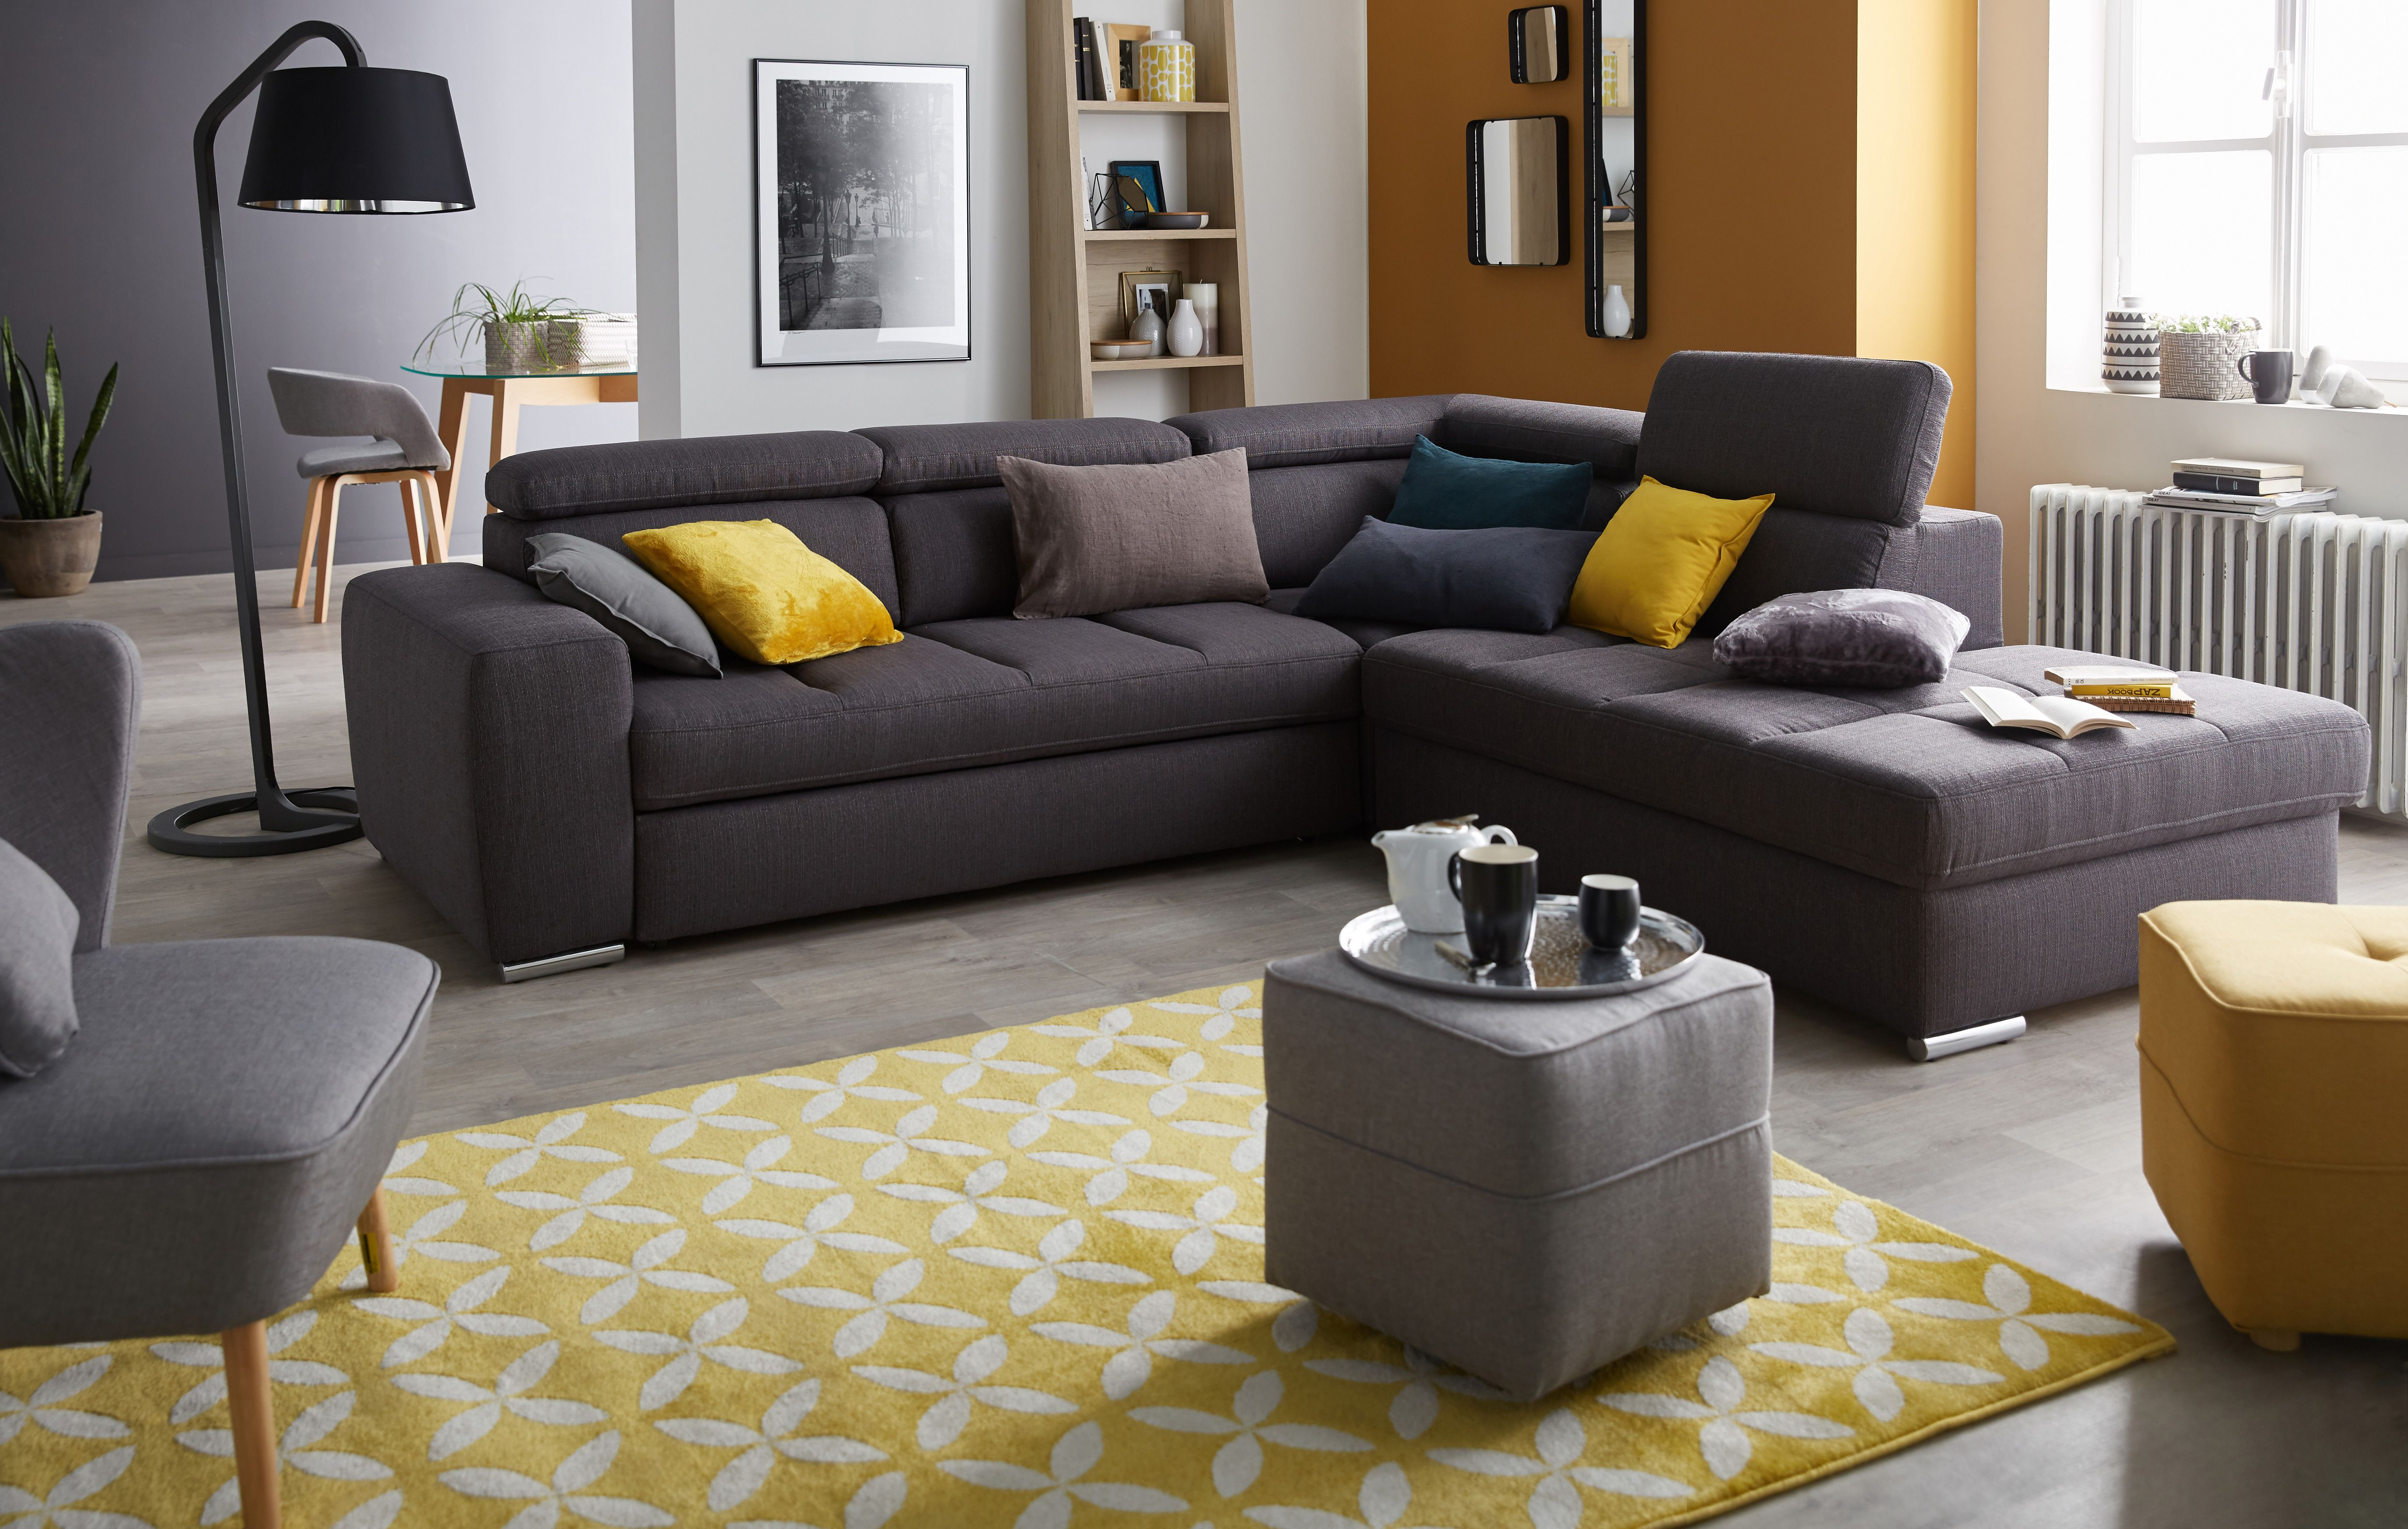 Épinglé par alinea sur Maison new  Décoration salon jaune, Déco